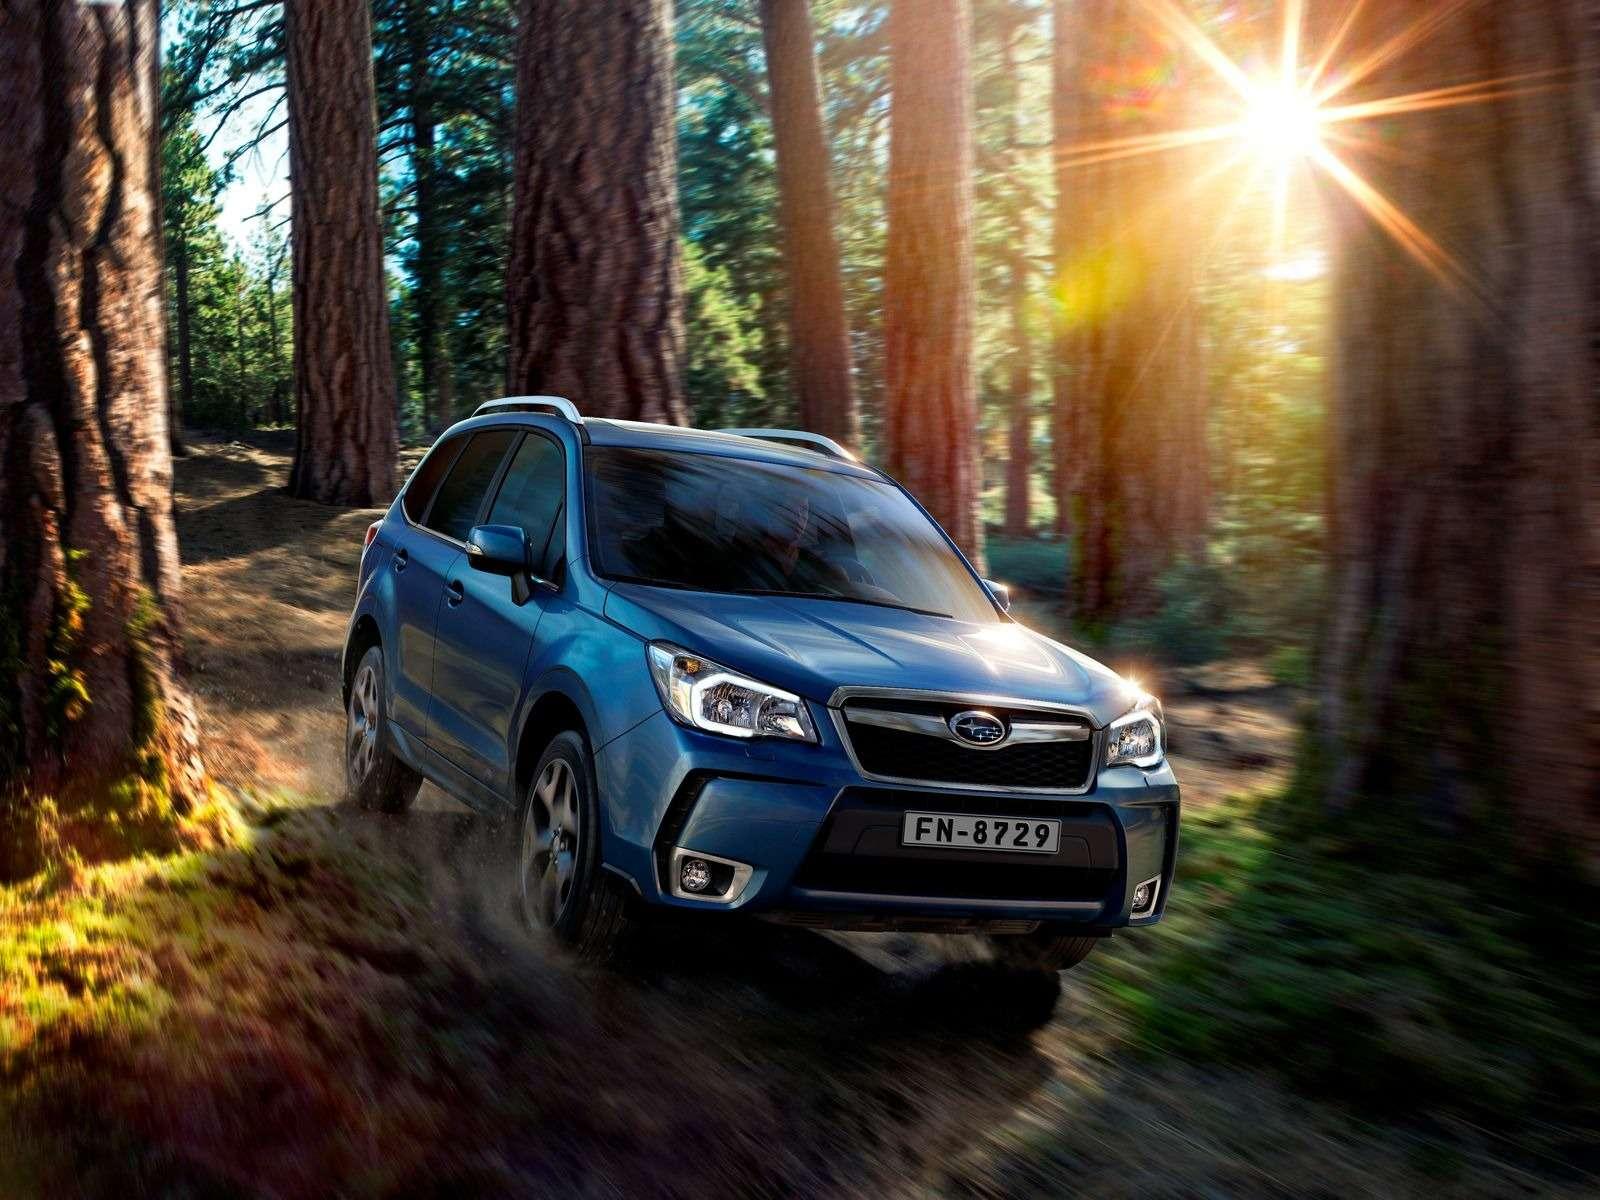 Subaru объявила цены наобновленный Forester— фото 375846